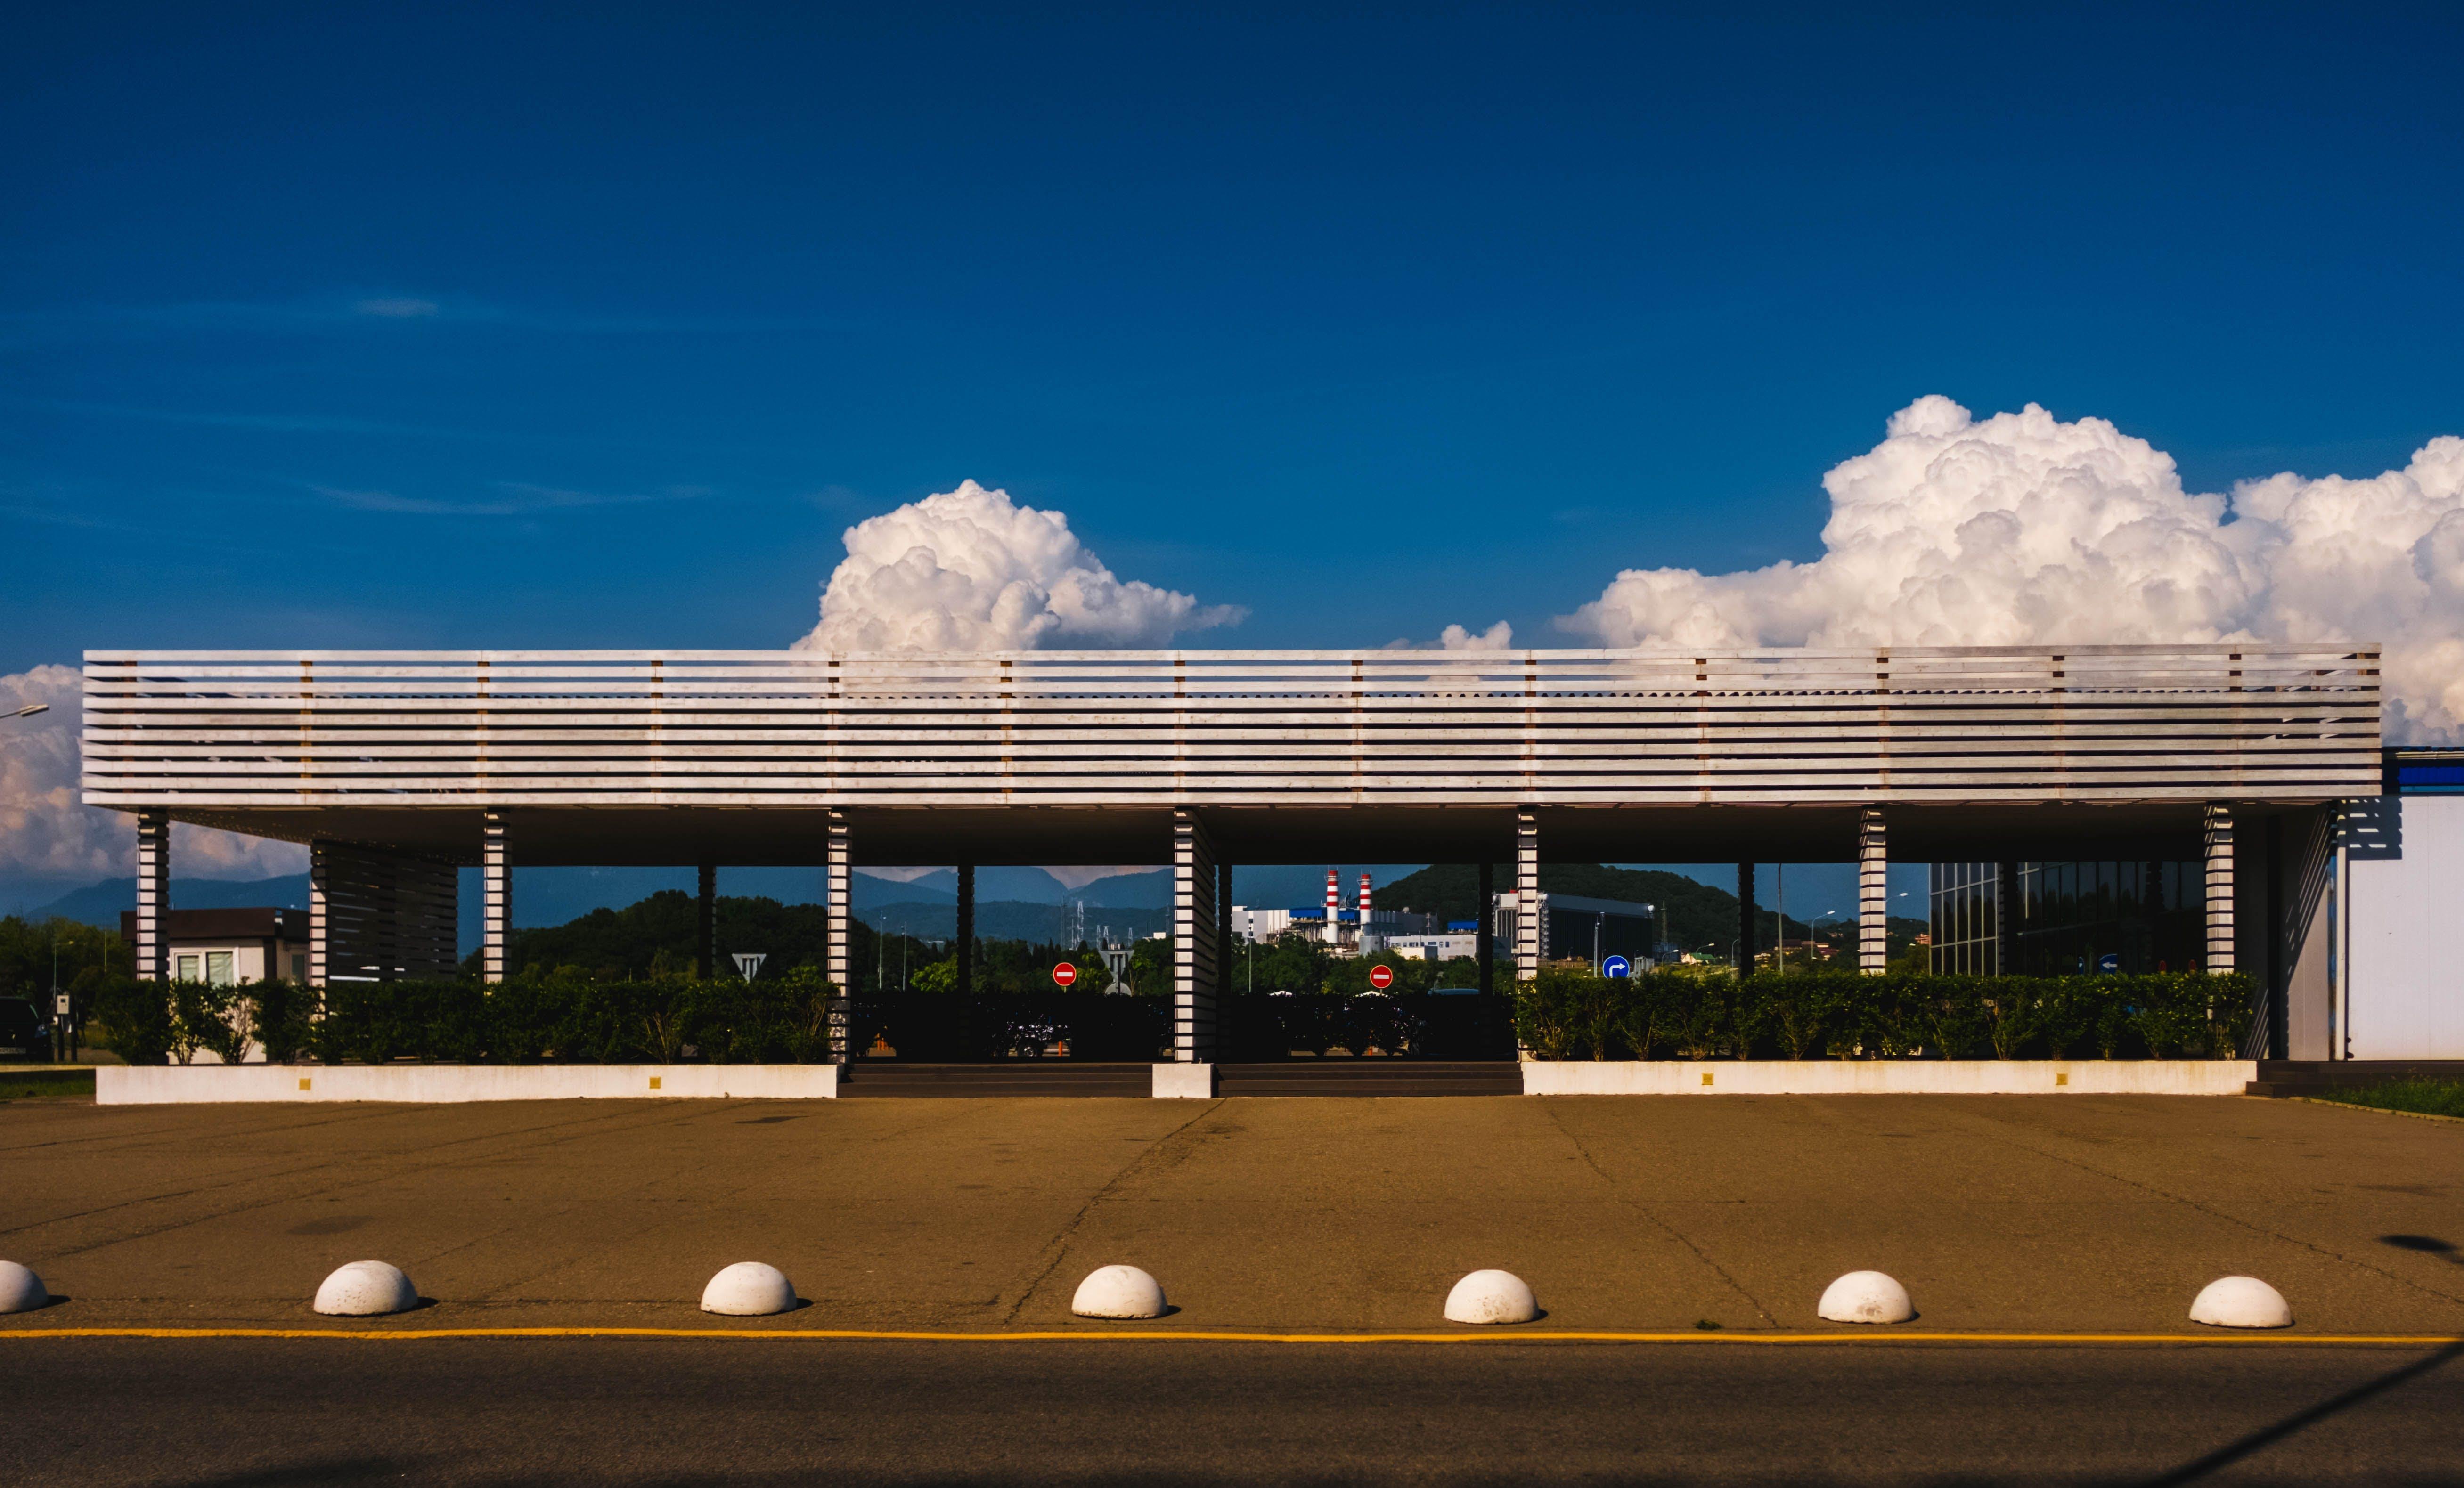 Kostenloses Stock Foto zu blauer himmel, bürgersteig, gebäude, landschaft